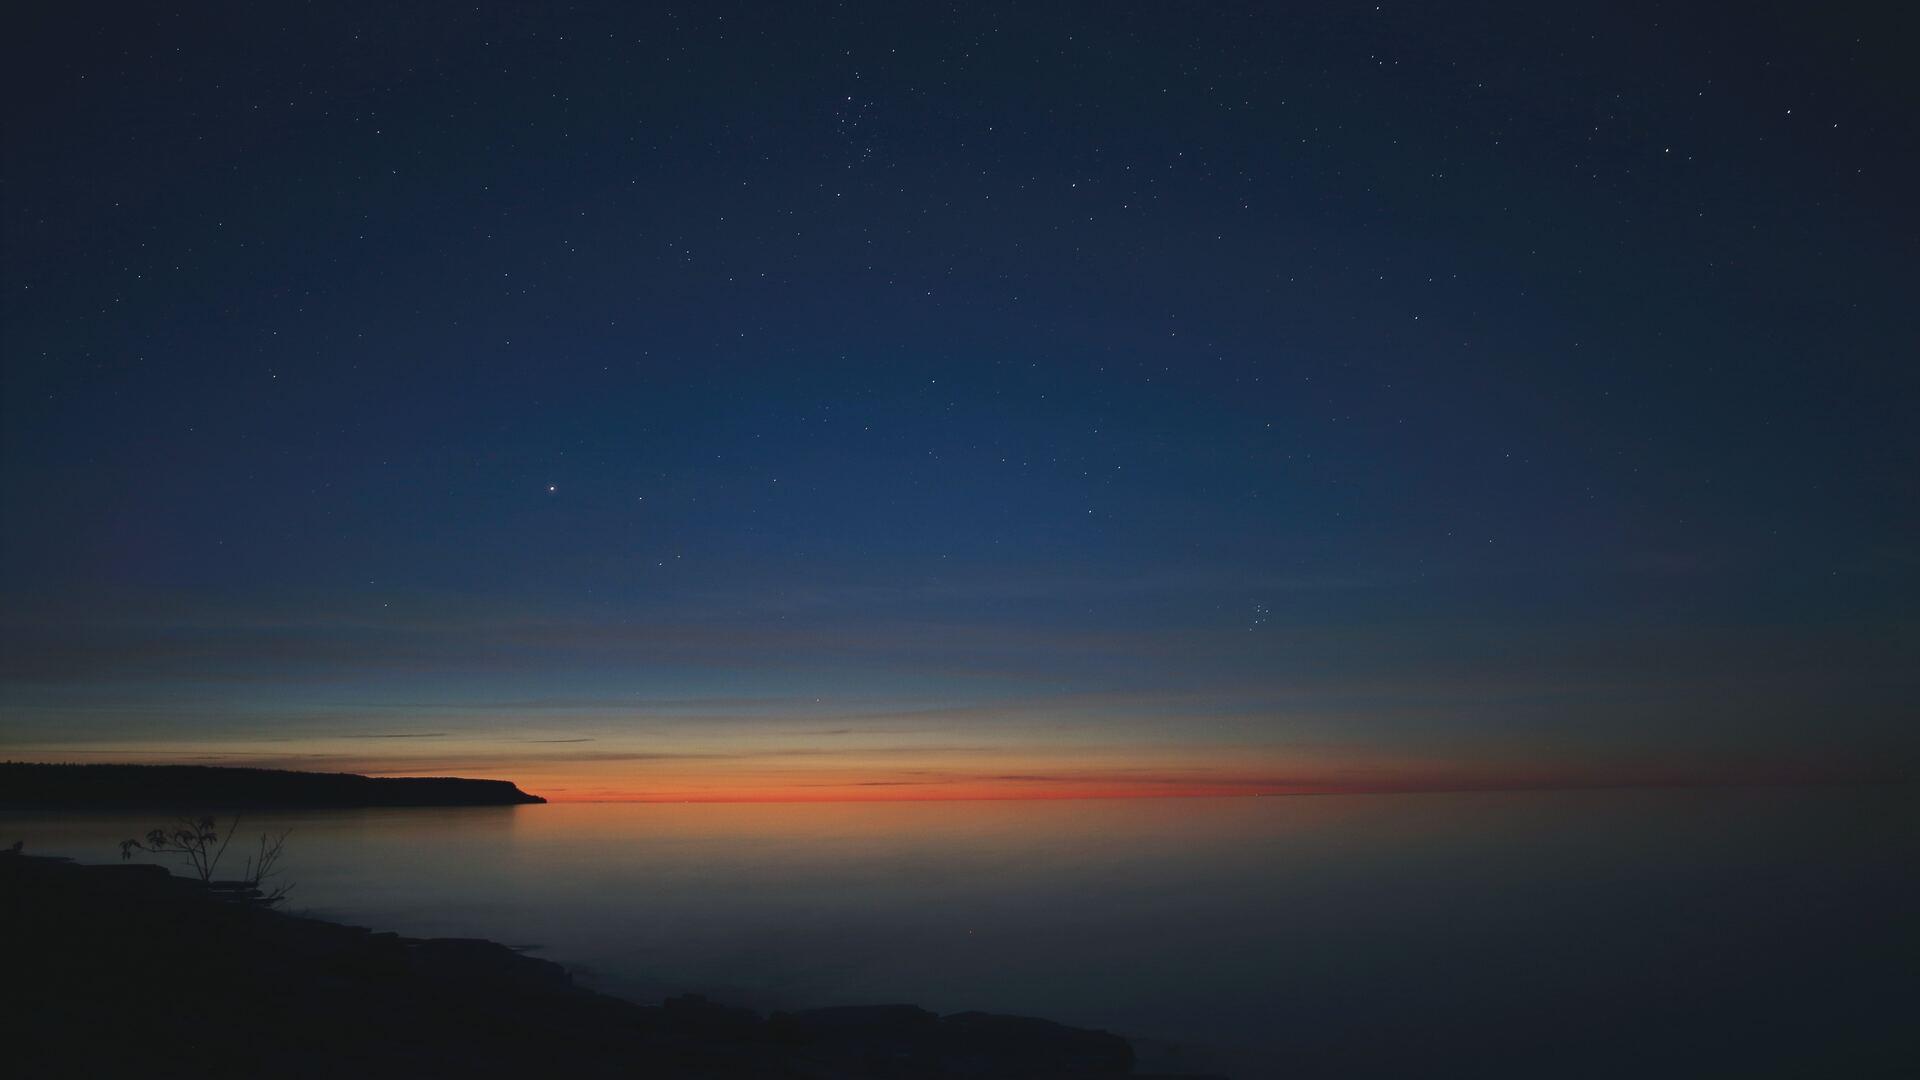 1920x1080 starry night calm